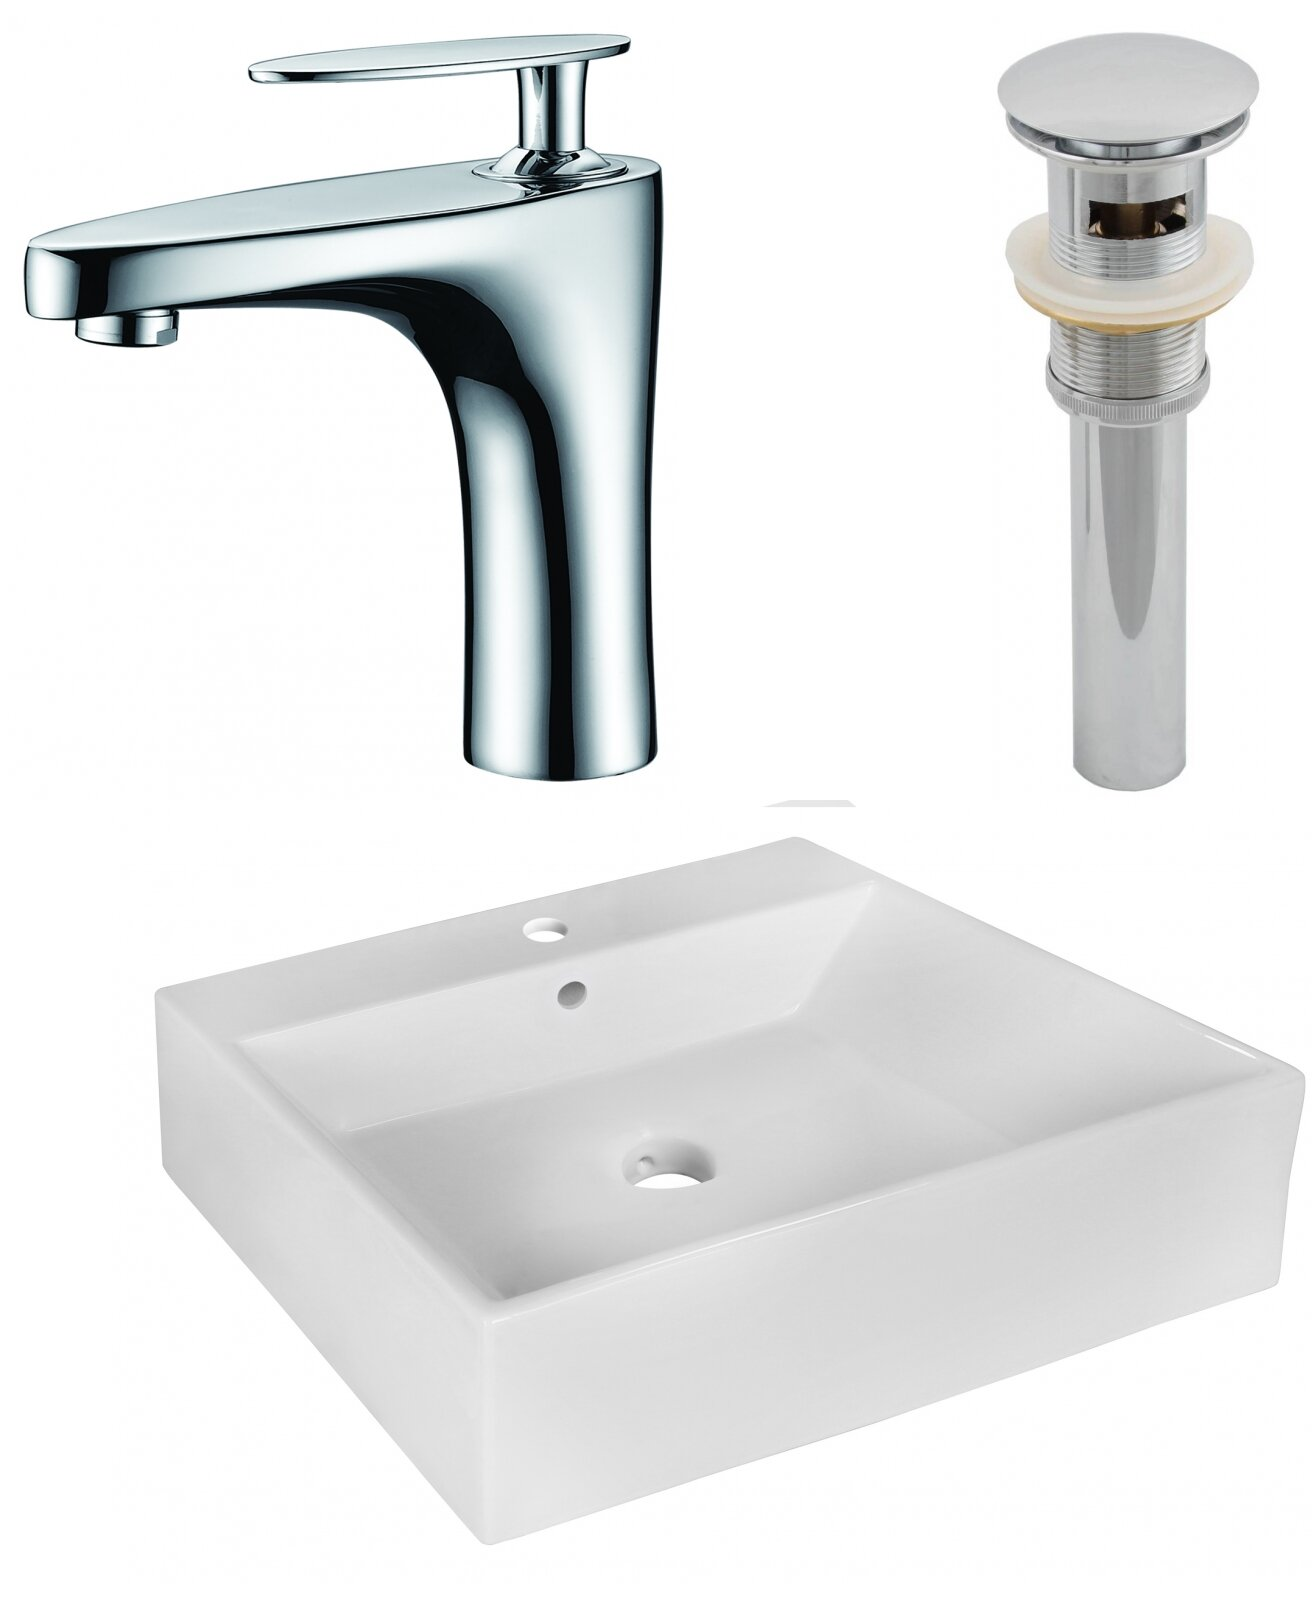 Avanities Ceramic Rectangular Vessel Bathroom Sink With Faucet And Overflow Wayfair